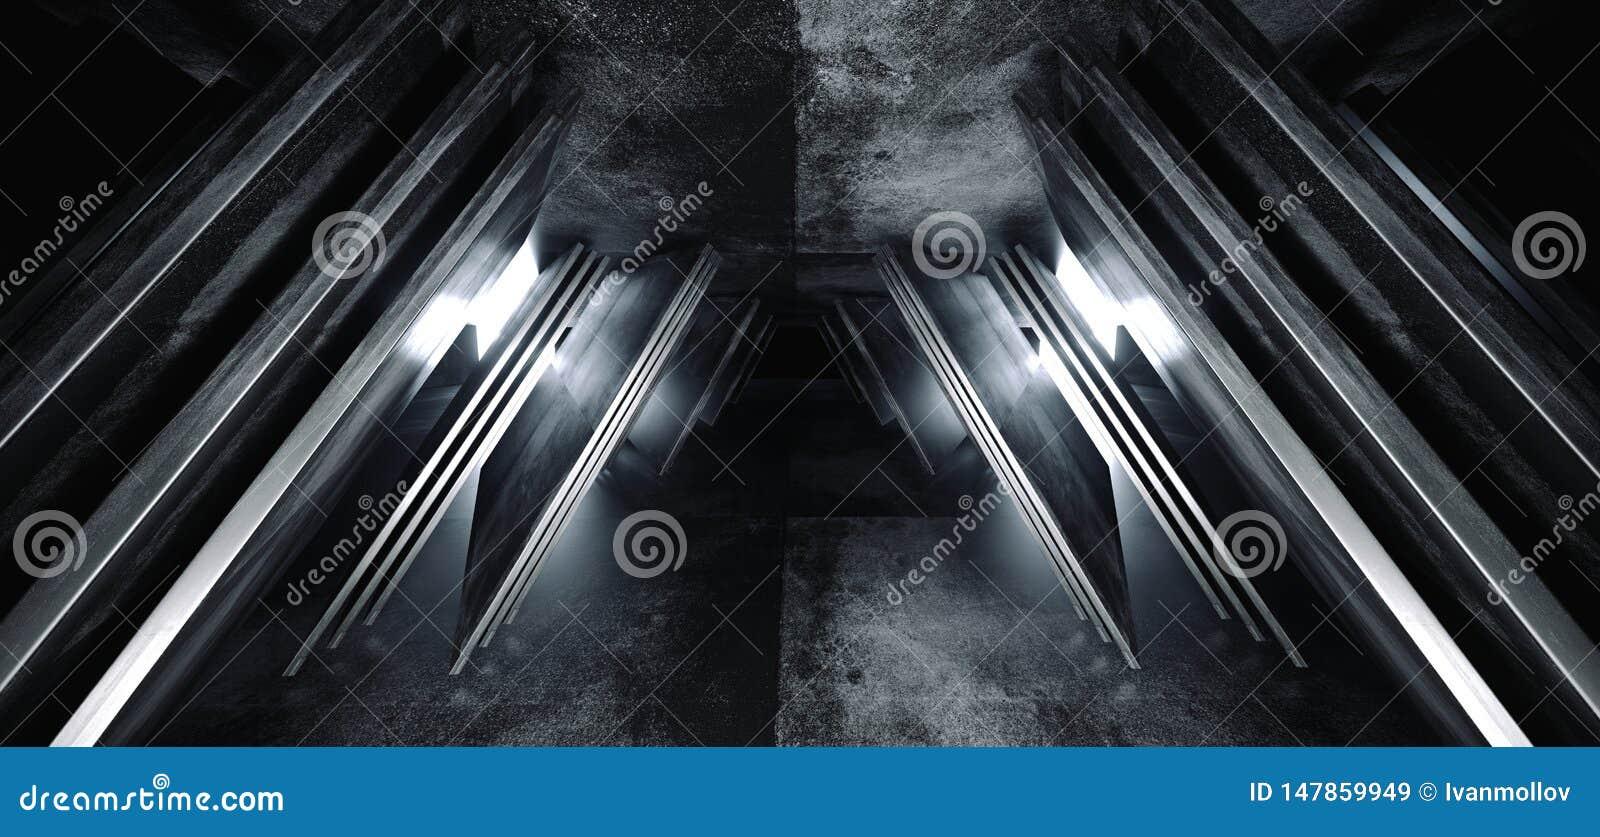 科学幻想小说未来派真正太空飞船摘要三角塑造了光滑的金属混凝土难看的东西黑暗的空的白炽电影走廊